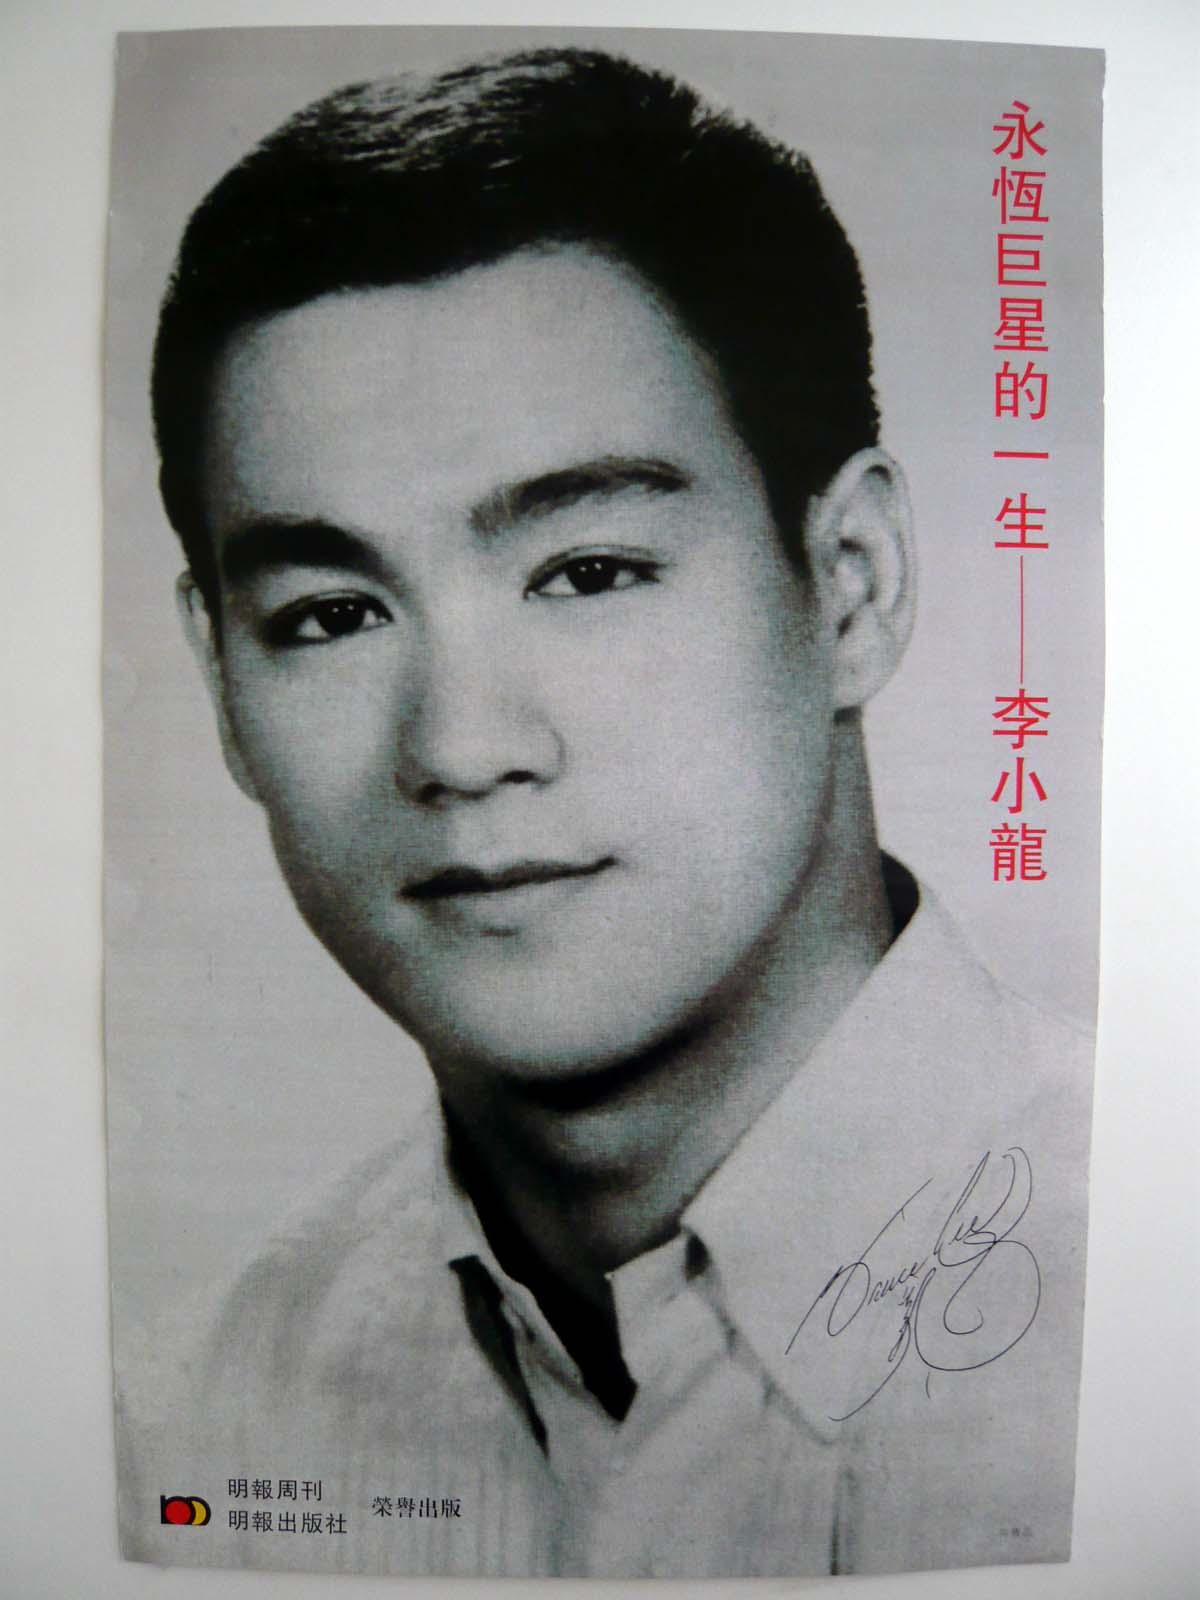 ブルース・リーの画像 p1_35